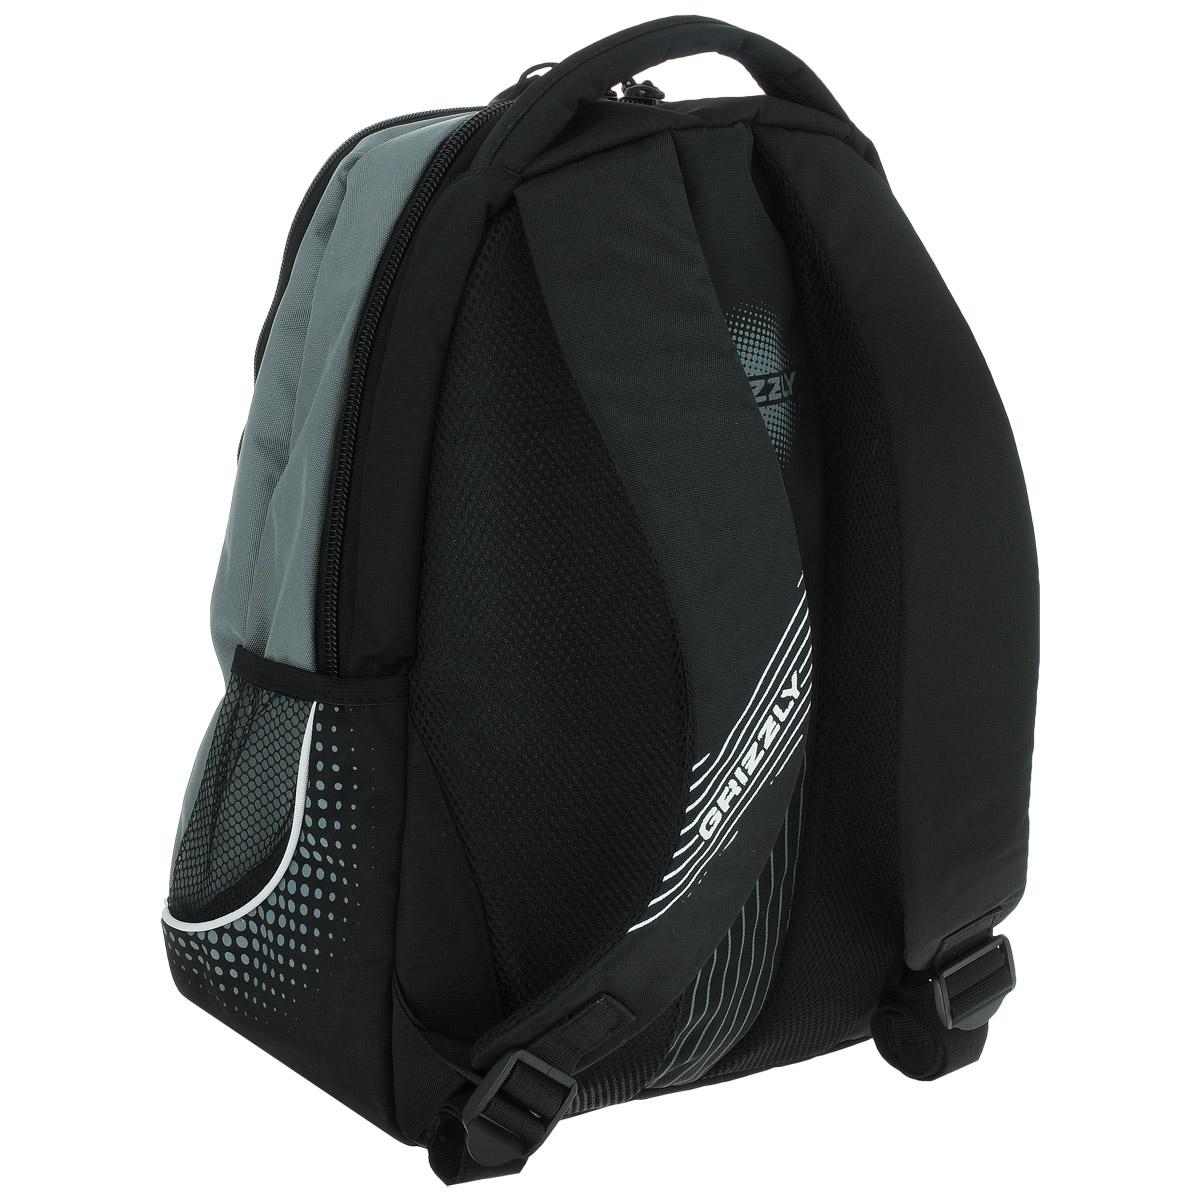 Рюкзак городской Grizzly, цвет: серый. RU-415-1/3 ( RU-415-1 Рюкзак /3 серый )